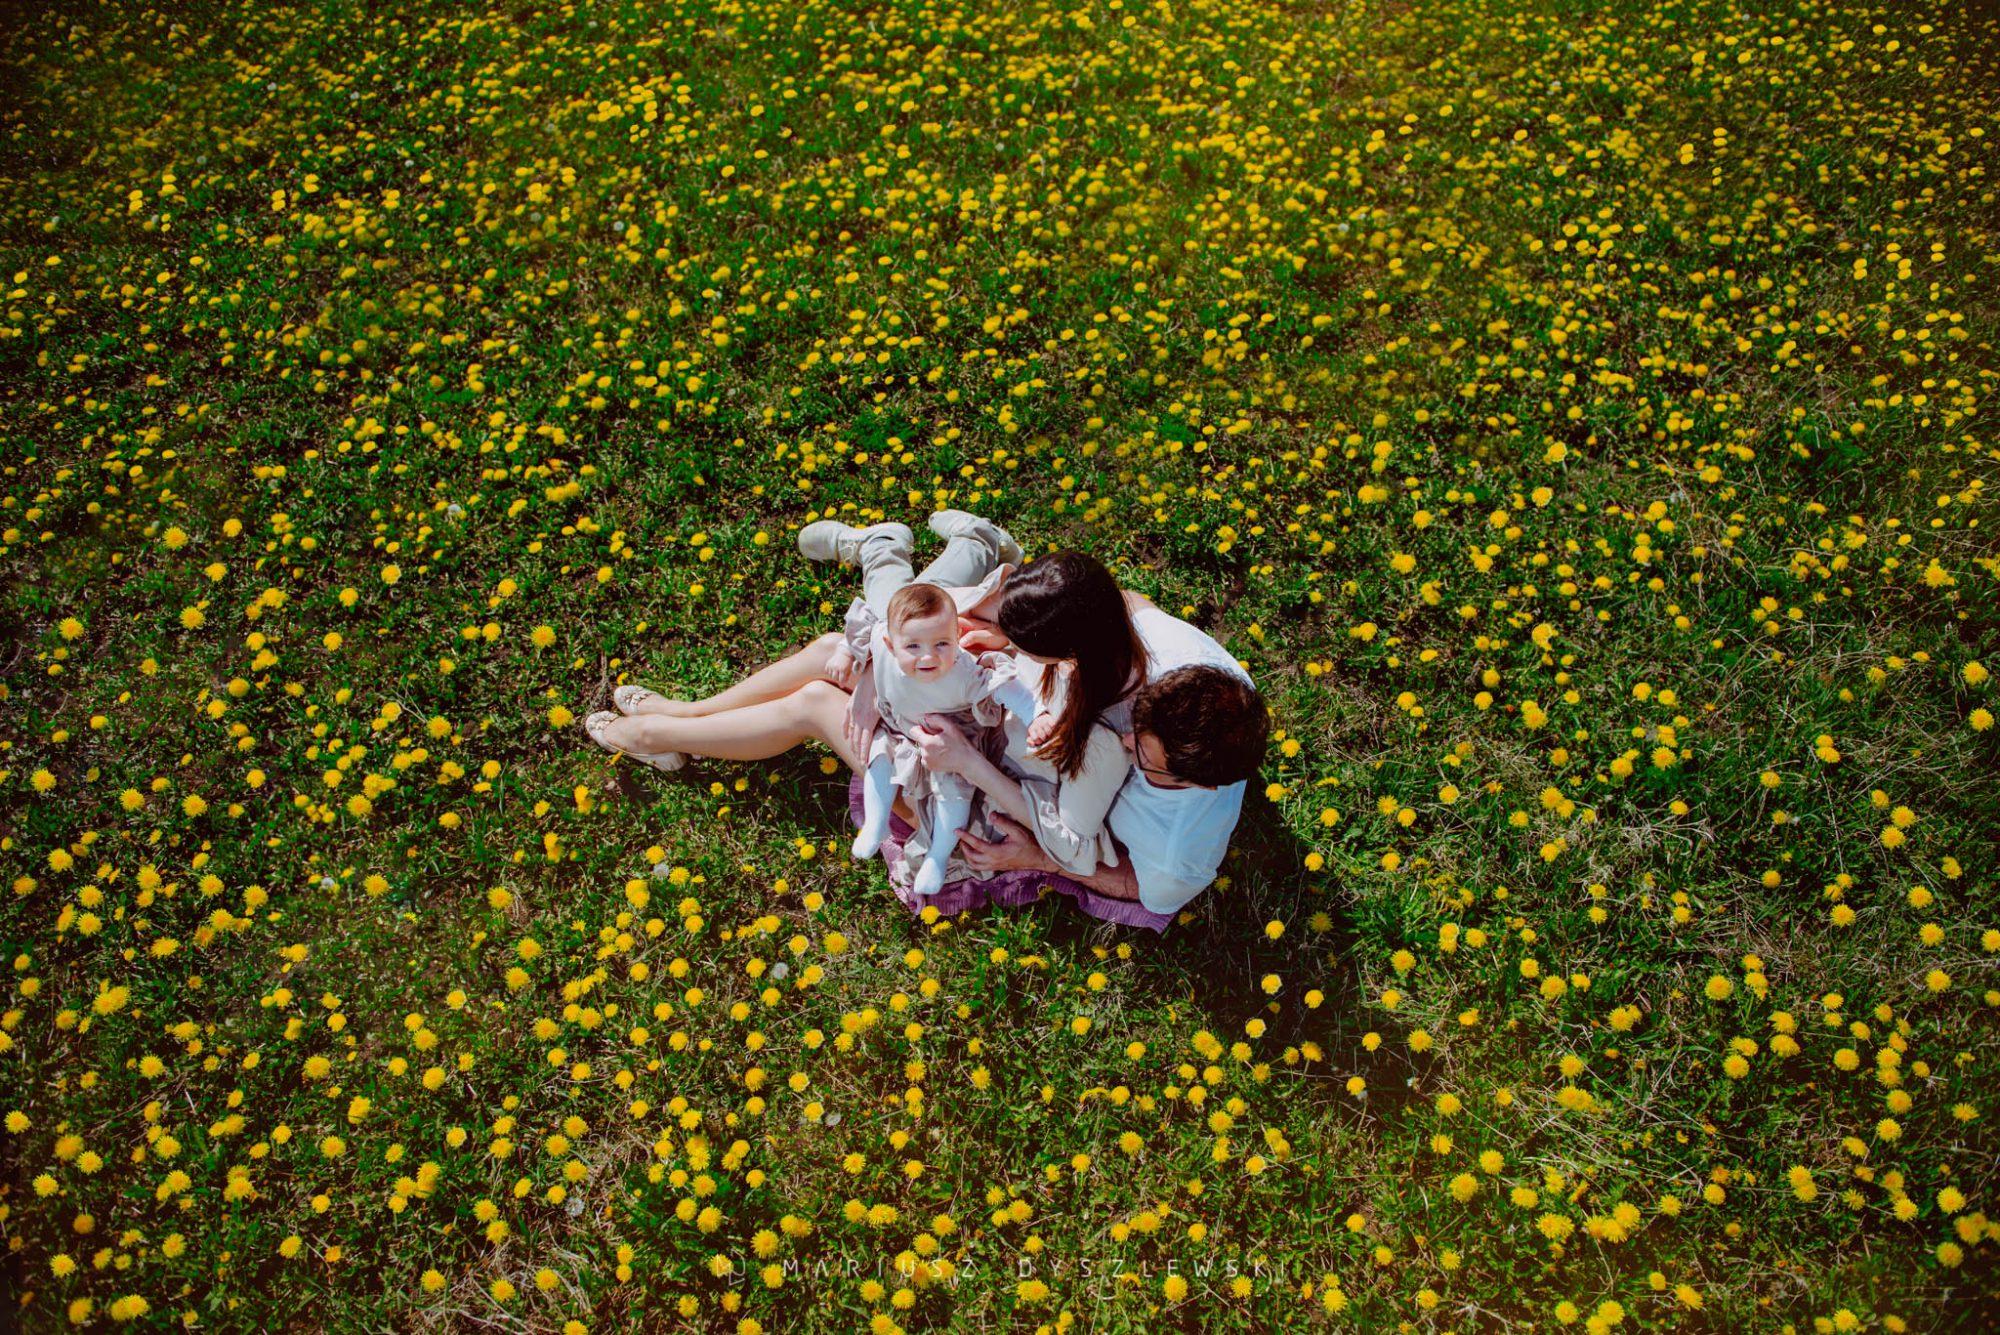 Sesja rodzinna - Mariusz Dyszlewski fotograf